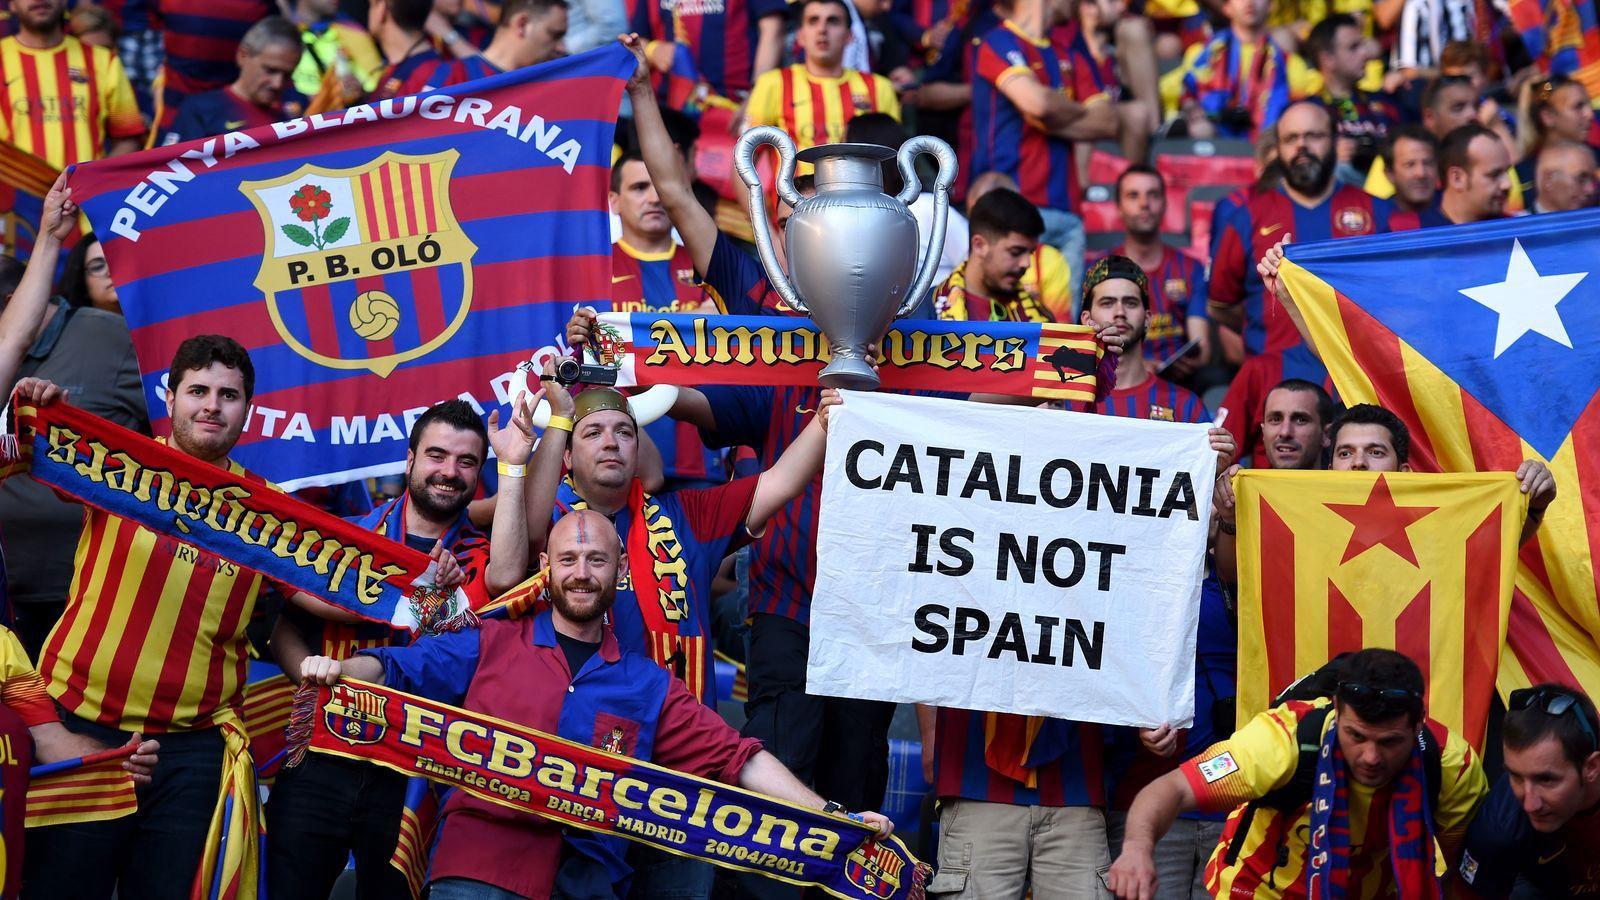 A imagem mostra a torcida do Barcelona protestando